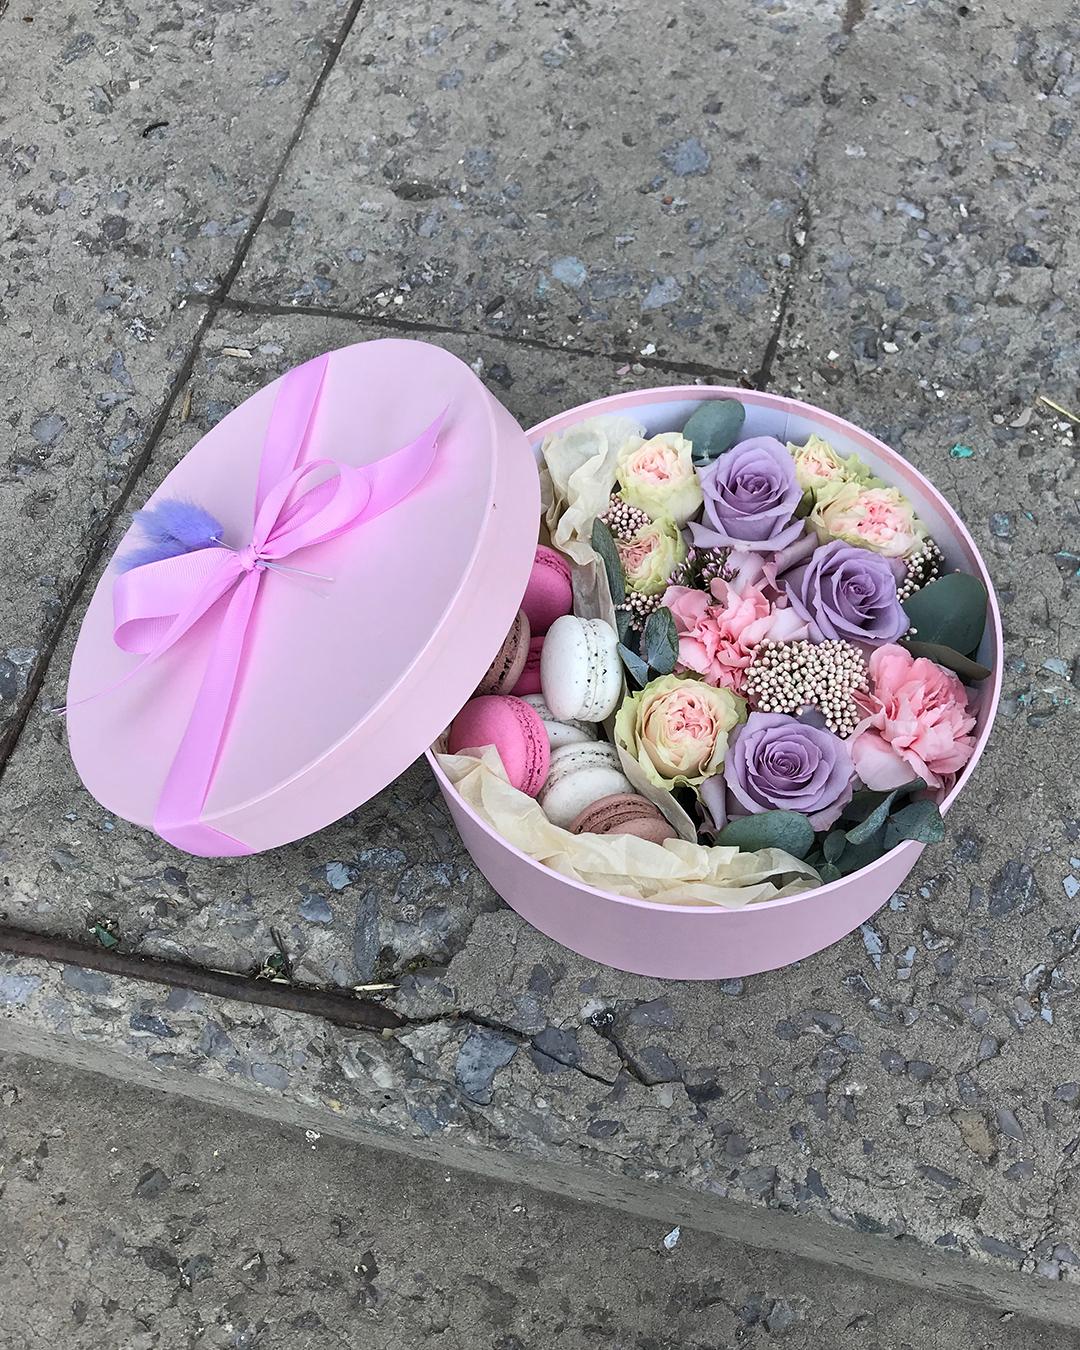 Заказ и доставка цветочных композиций в Ростов-на-Дону